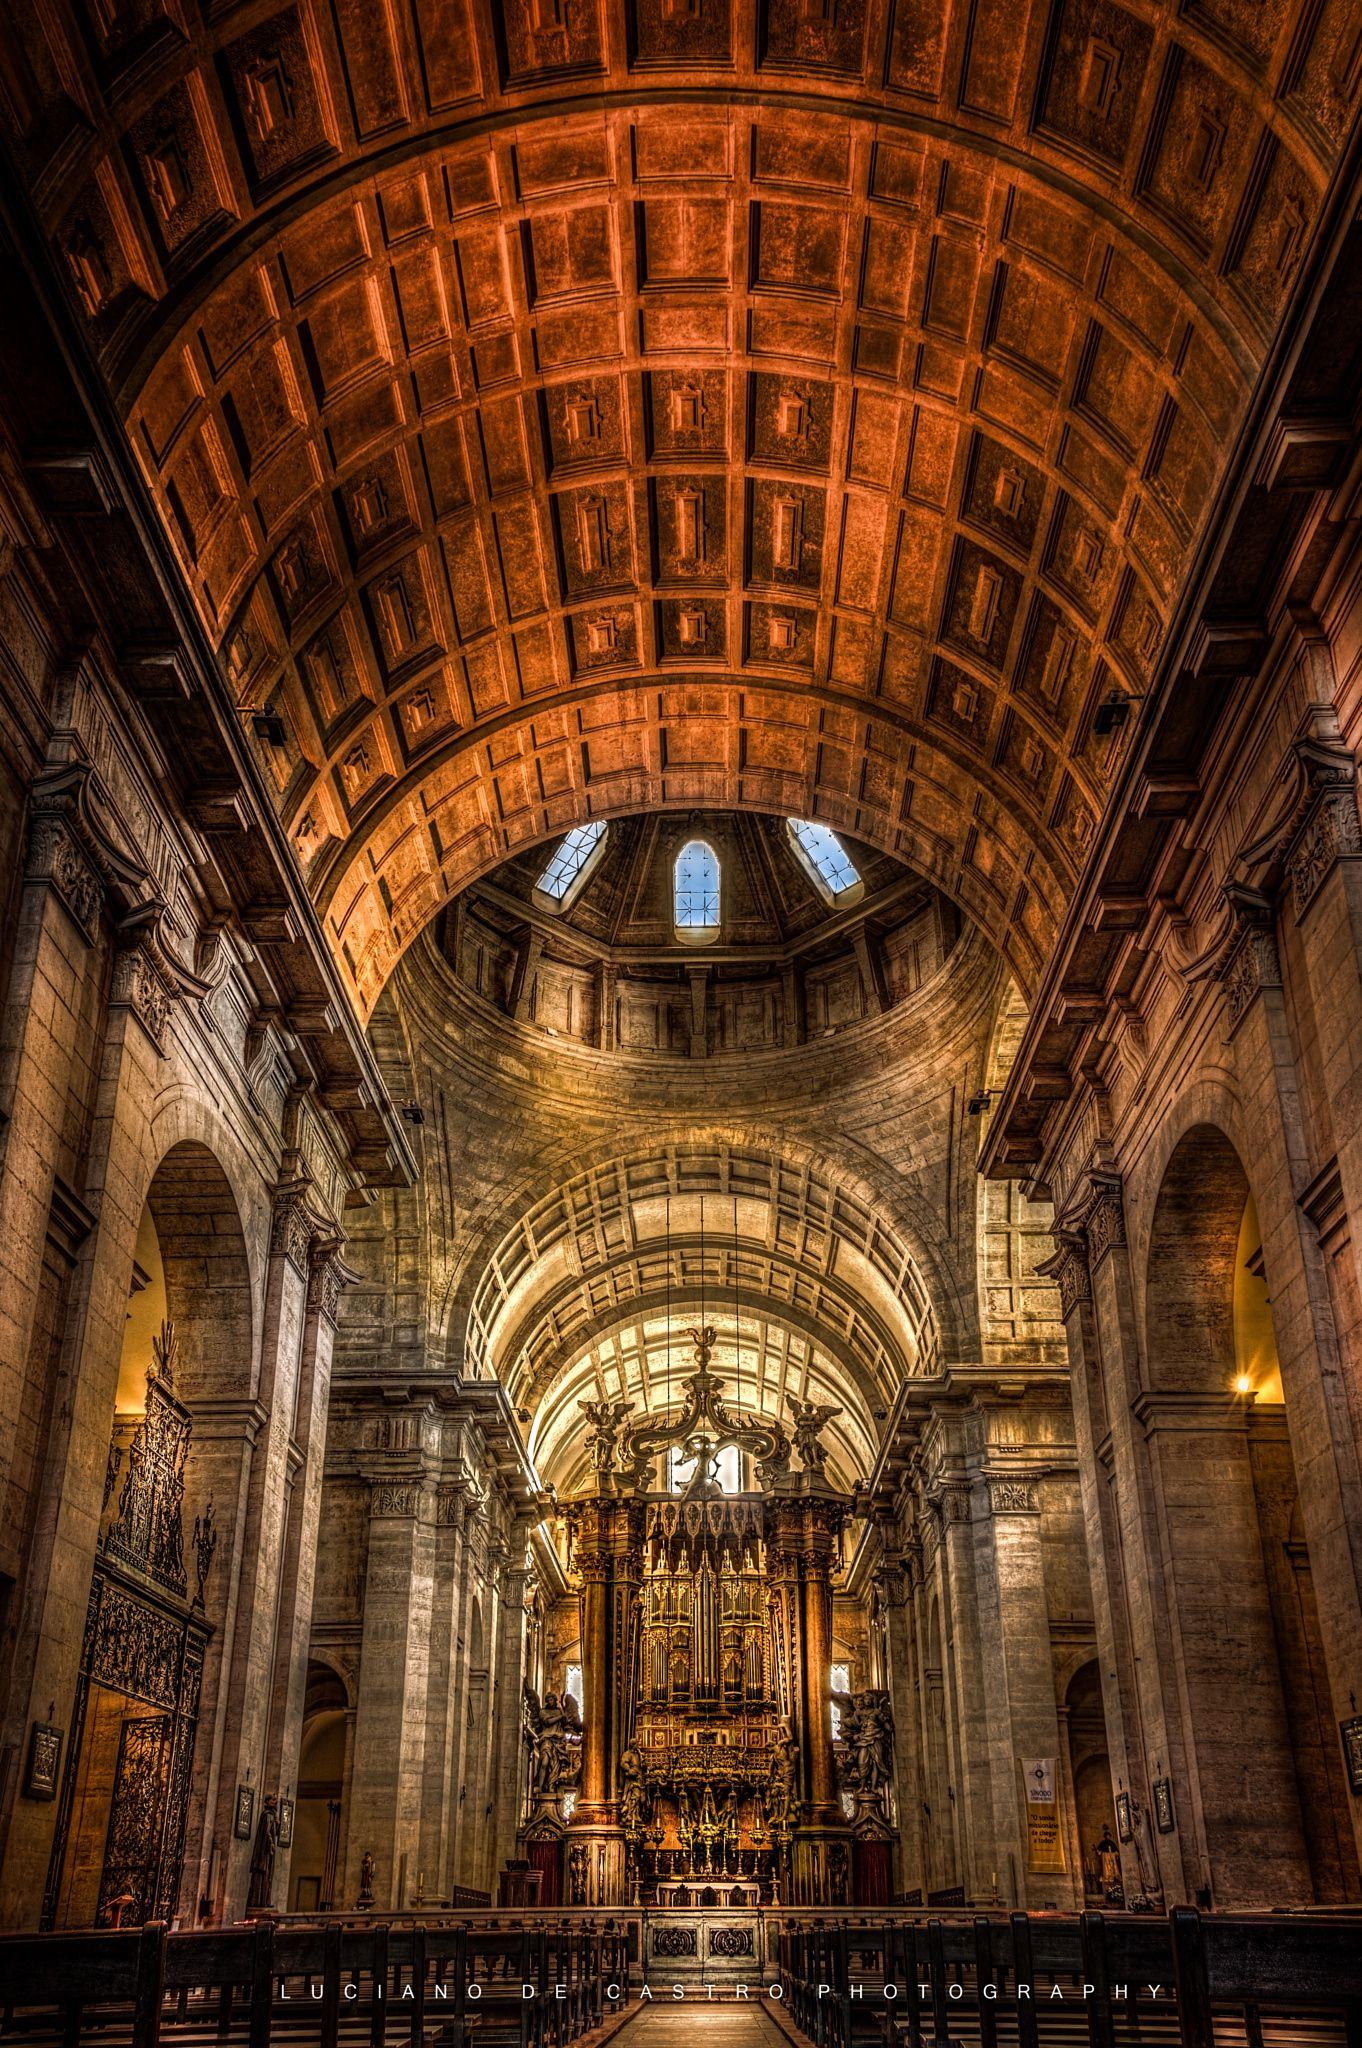 St Vincent's Church - Igreja de São Vicente de Fora começada a ser construída em 1582. no bairro histórico de Alfama em Lisboa.